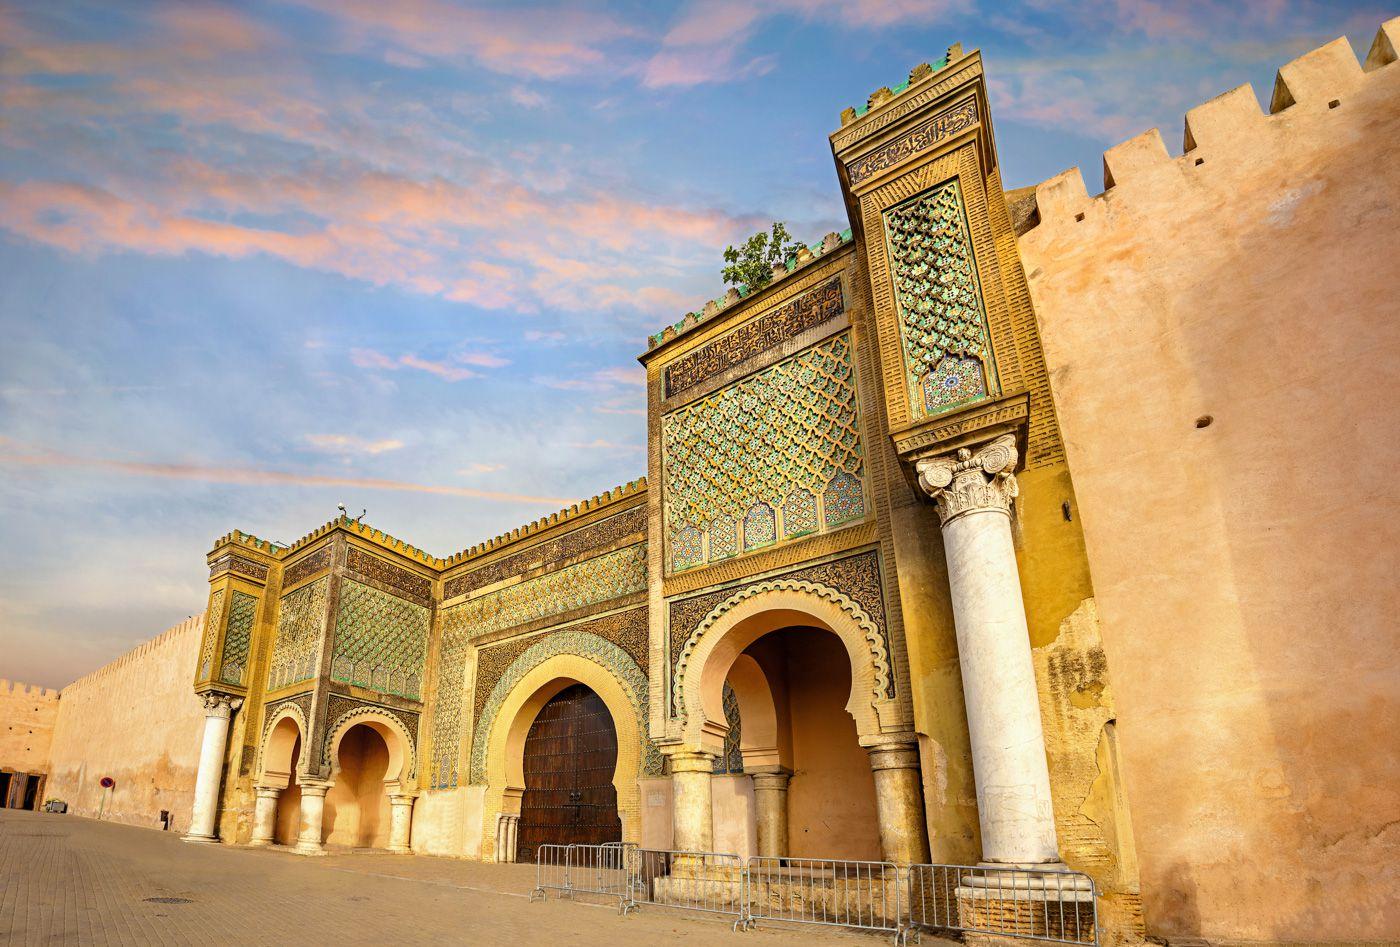 Capodanno: Andalusia; Marocco!